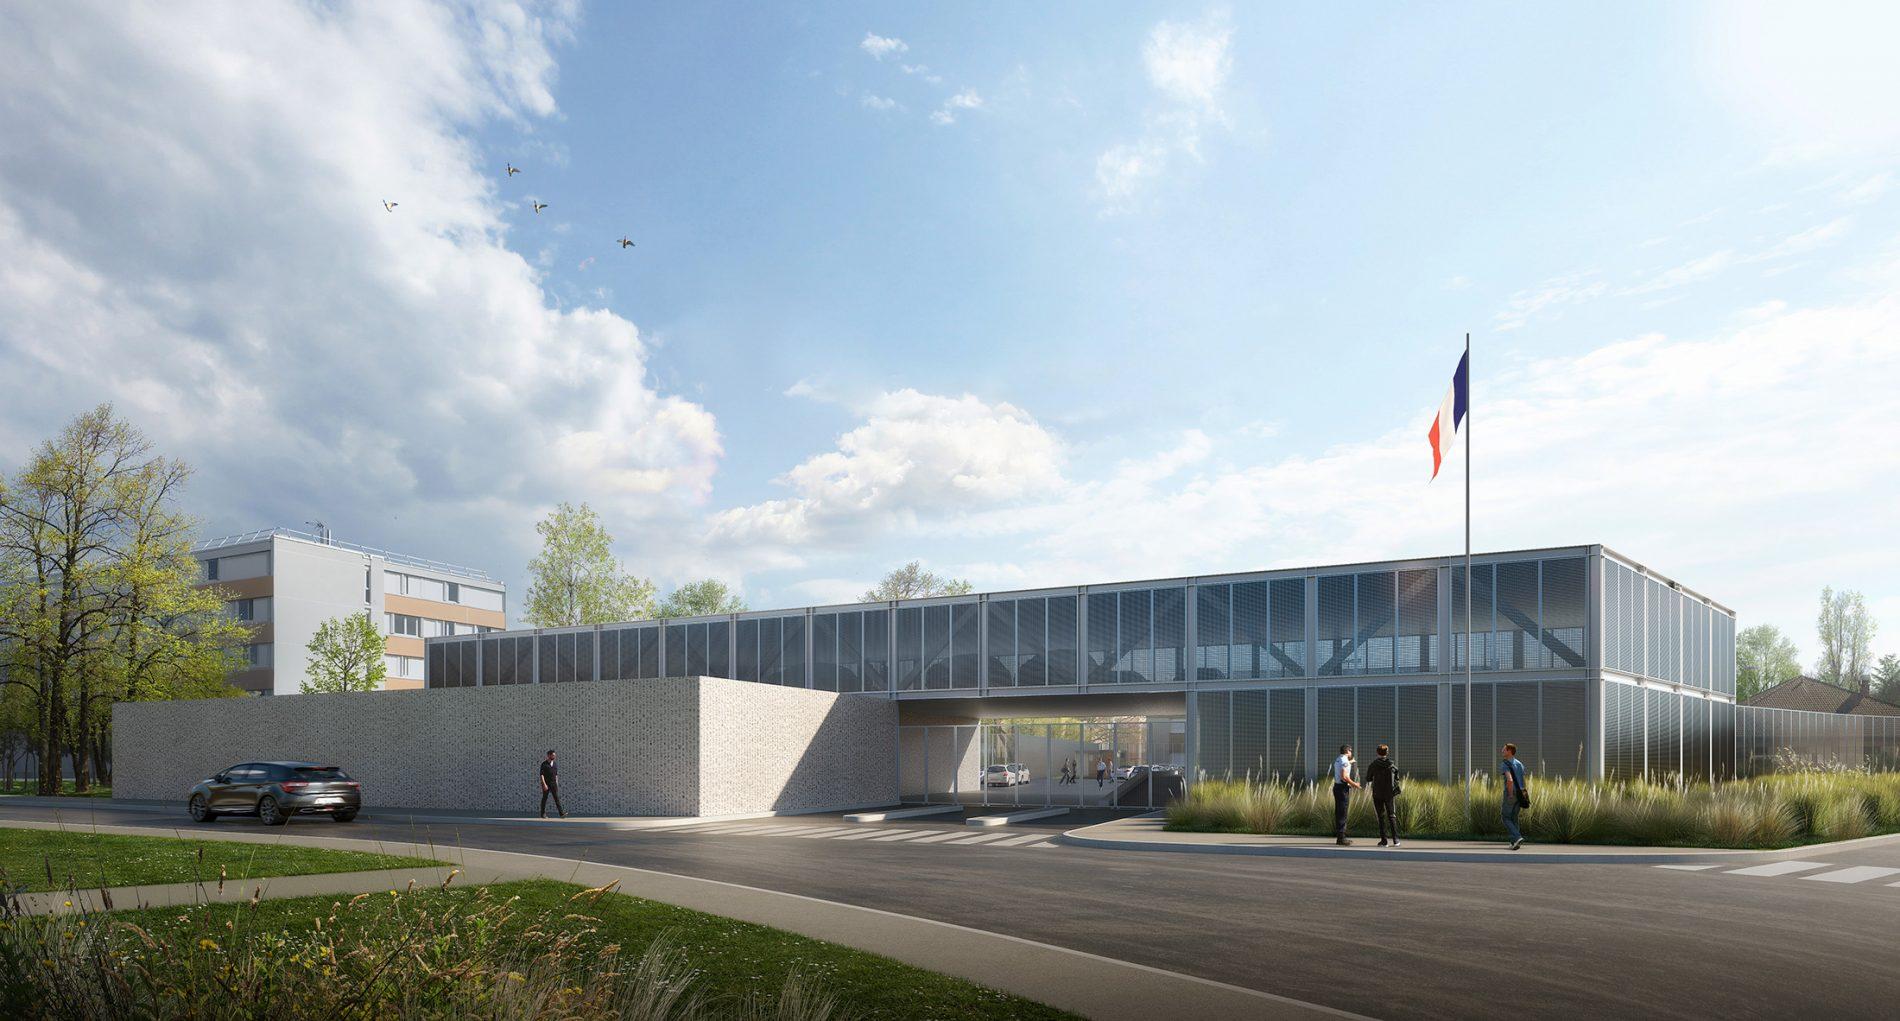 Image du concours d'architecture de l'extension de prison à Fleury-Merogis, béton matricé et tôle perforée